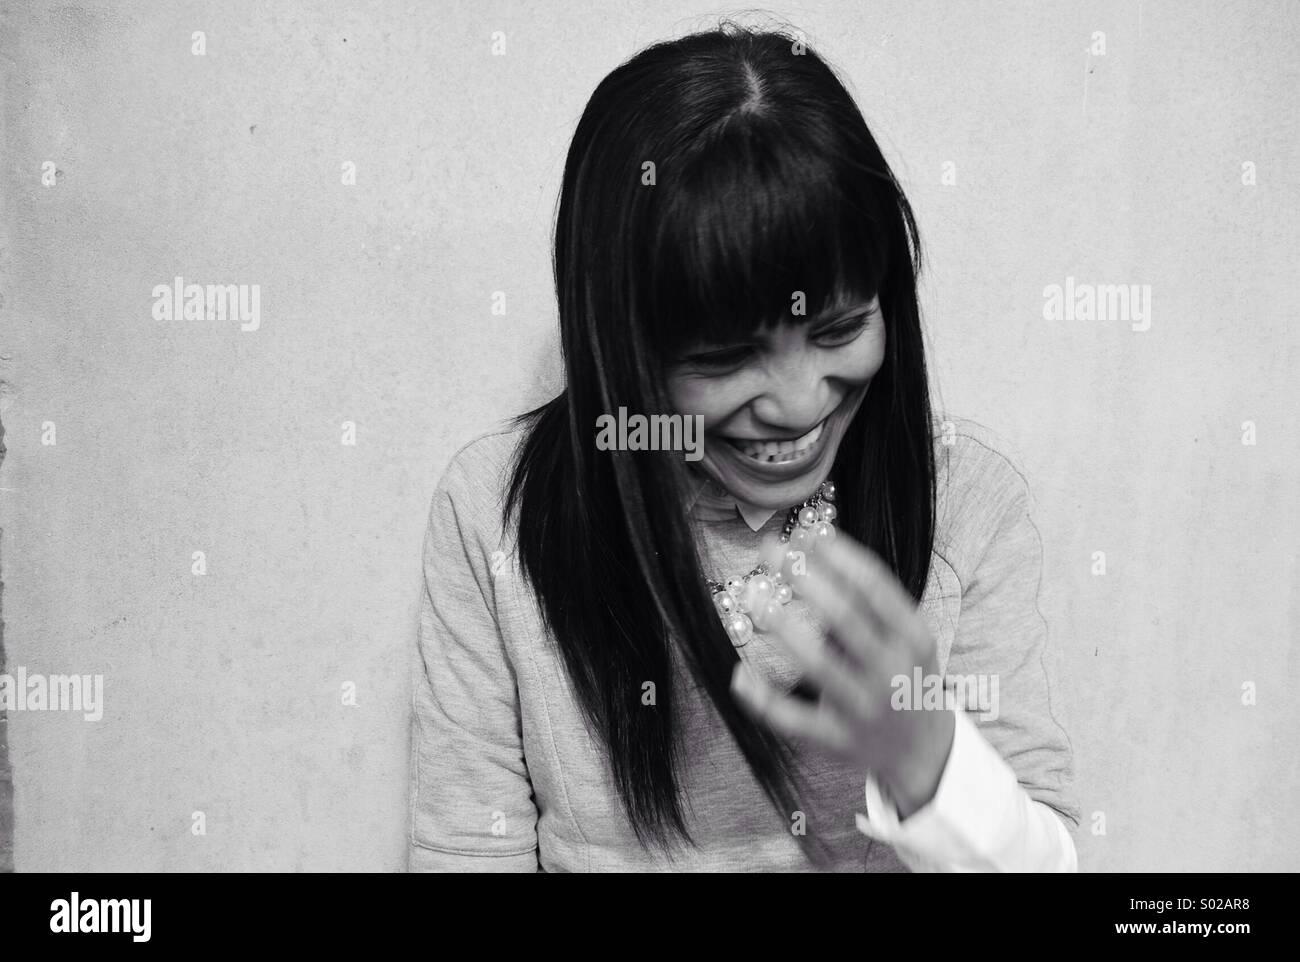 Le rire est un bon médicament. Photo Stock